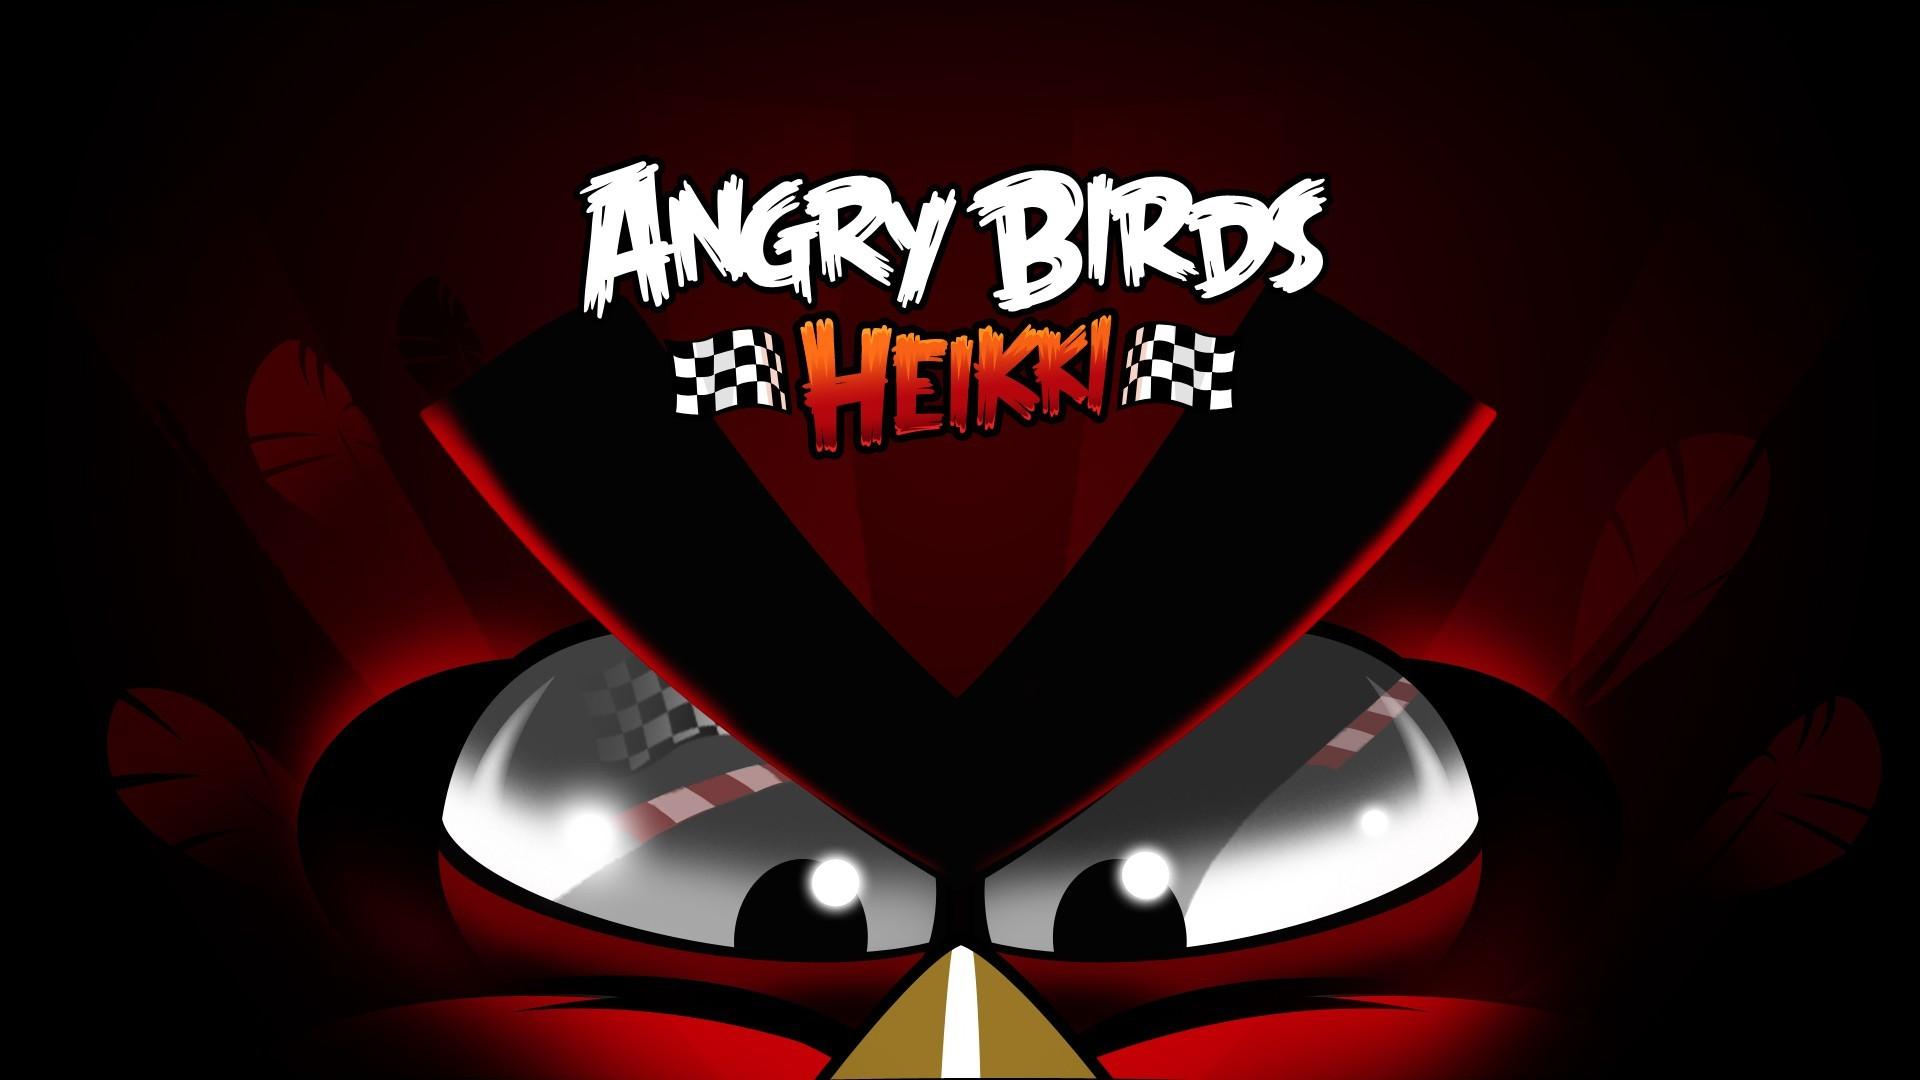 Angry Birds Heikki Wallpaper 1